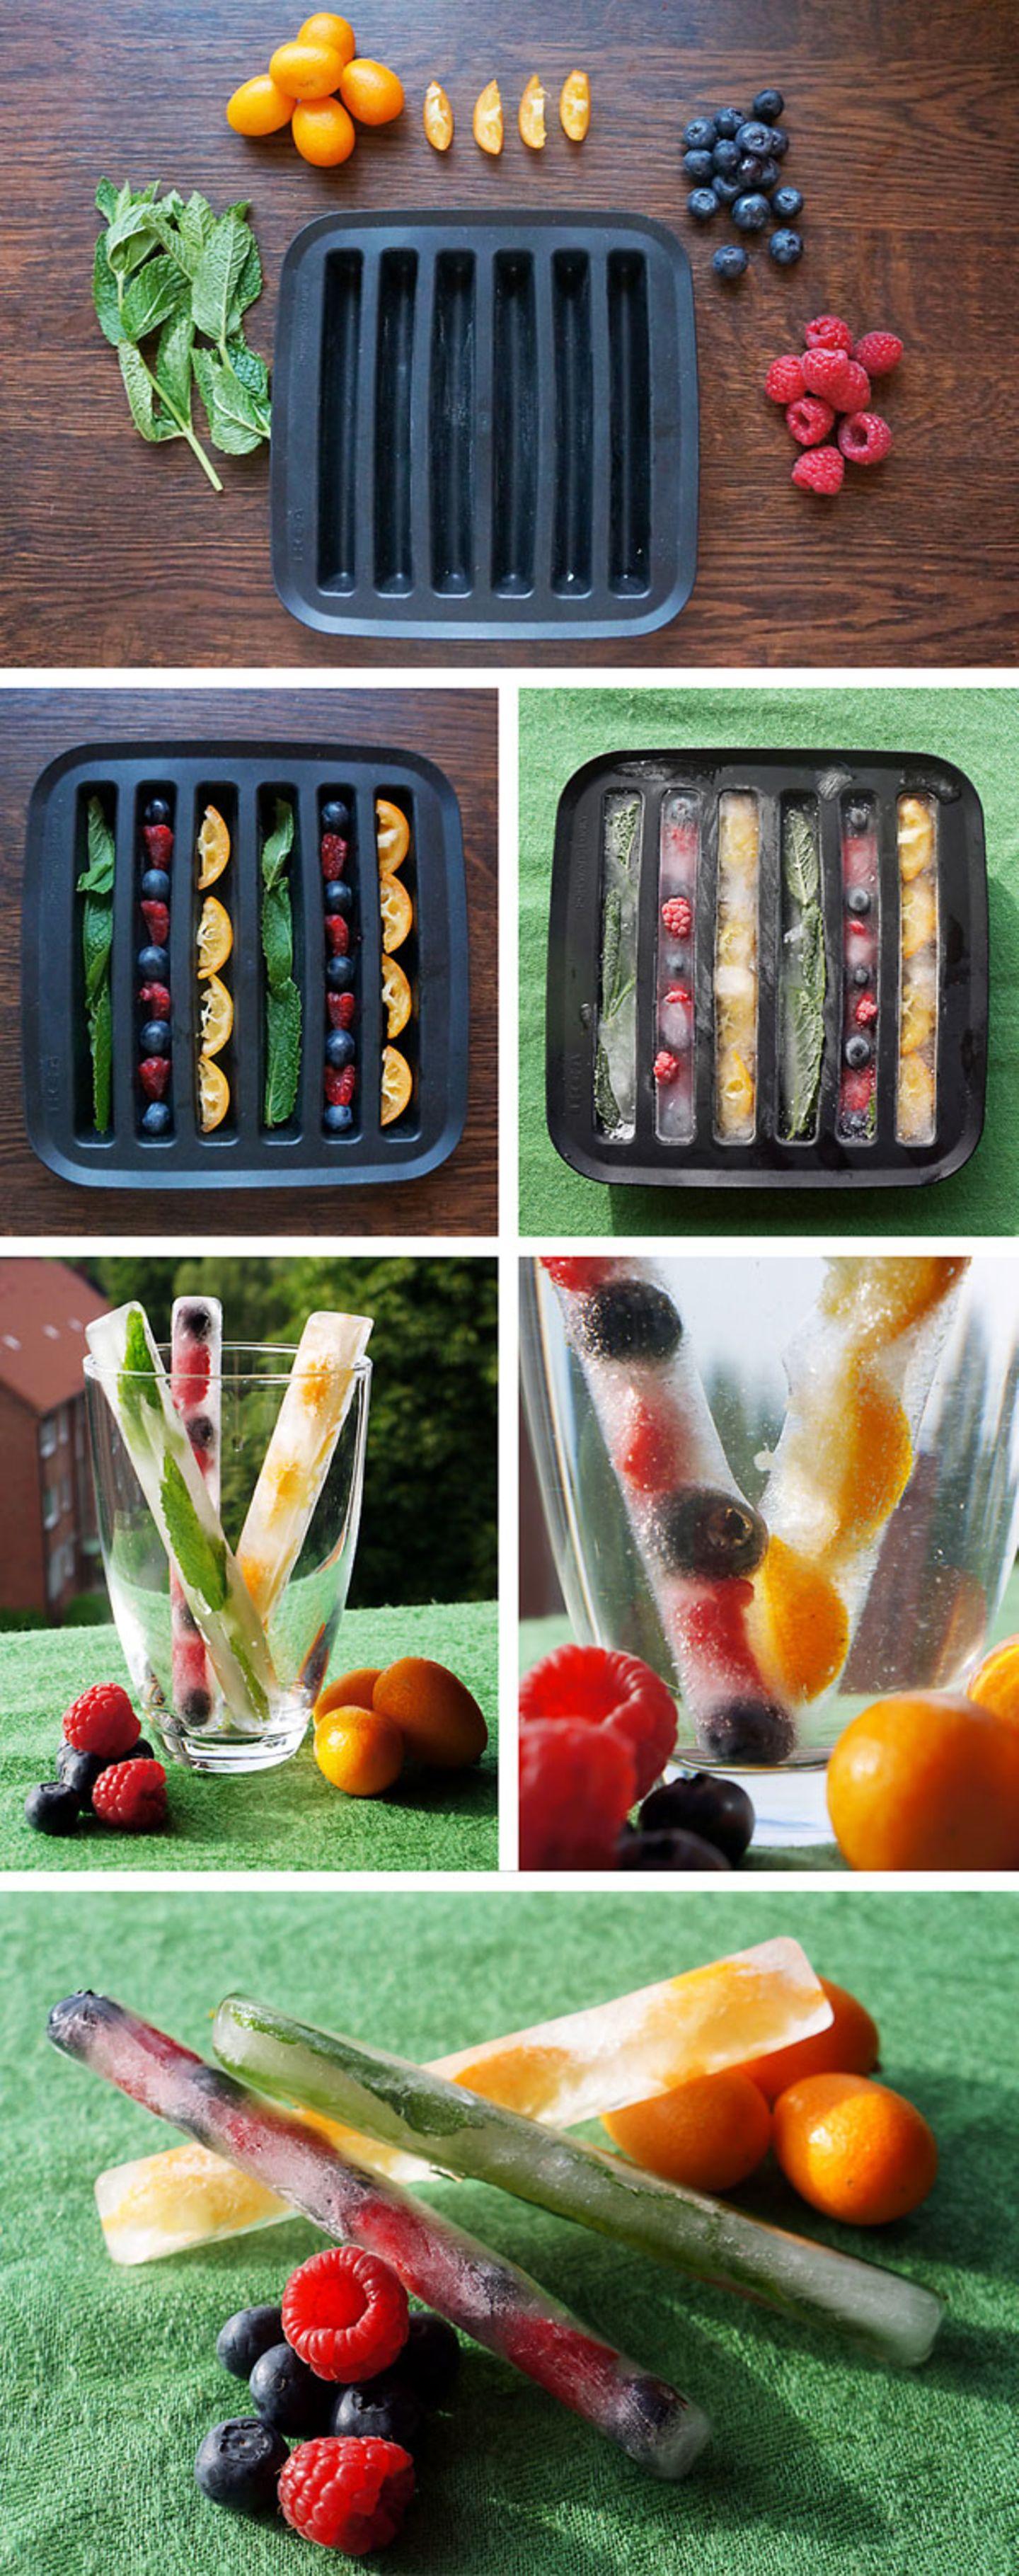 Eiswürfel mit Früchten - Erfrischung pur!